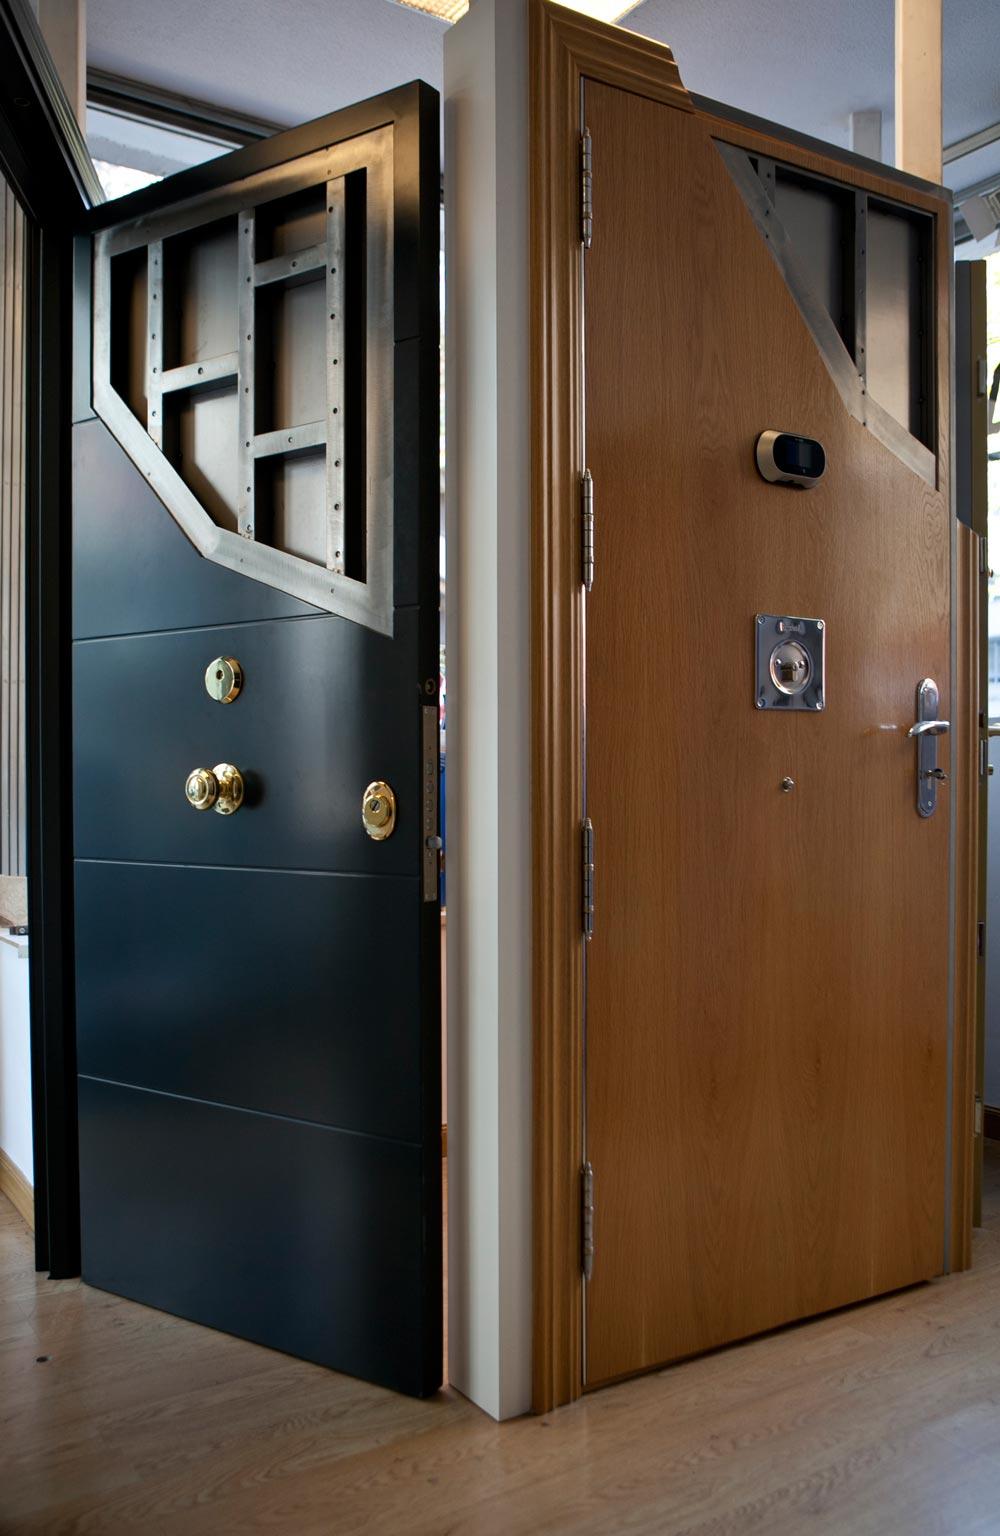 Fotos de puertas roconsa roconsa - Fotos para puertas ...